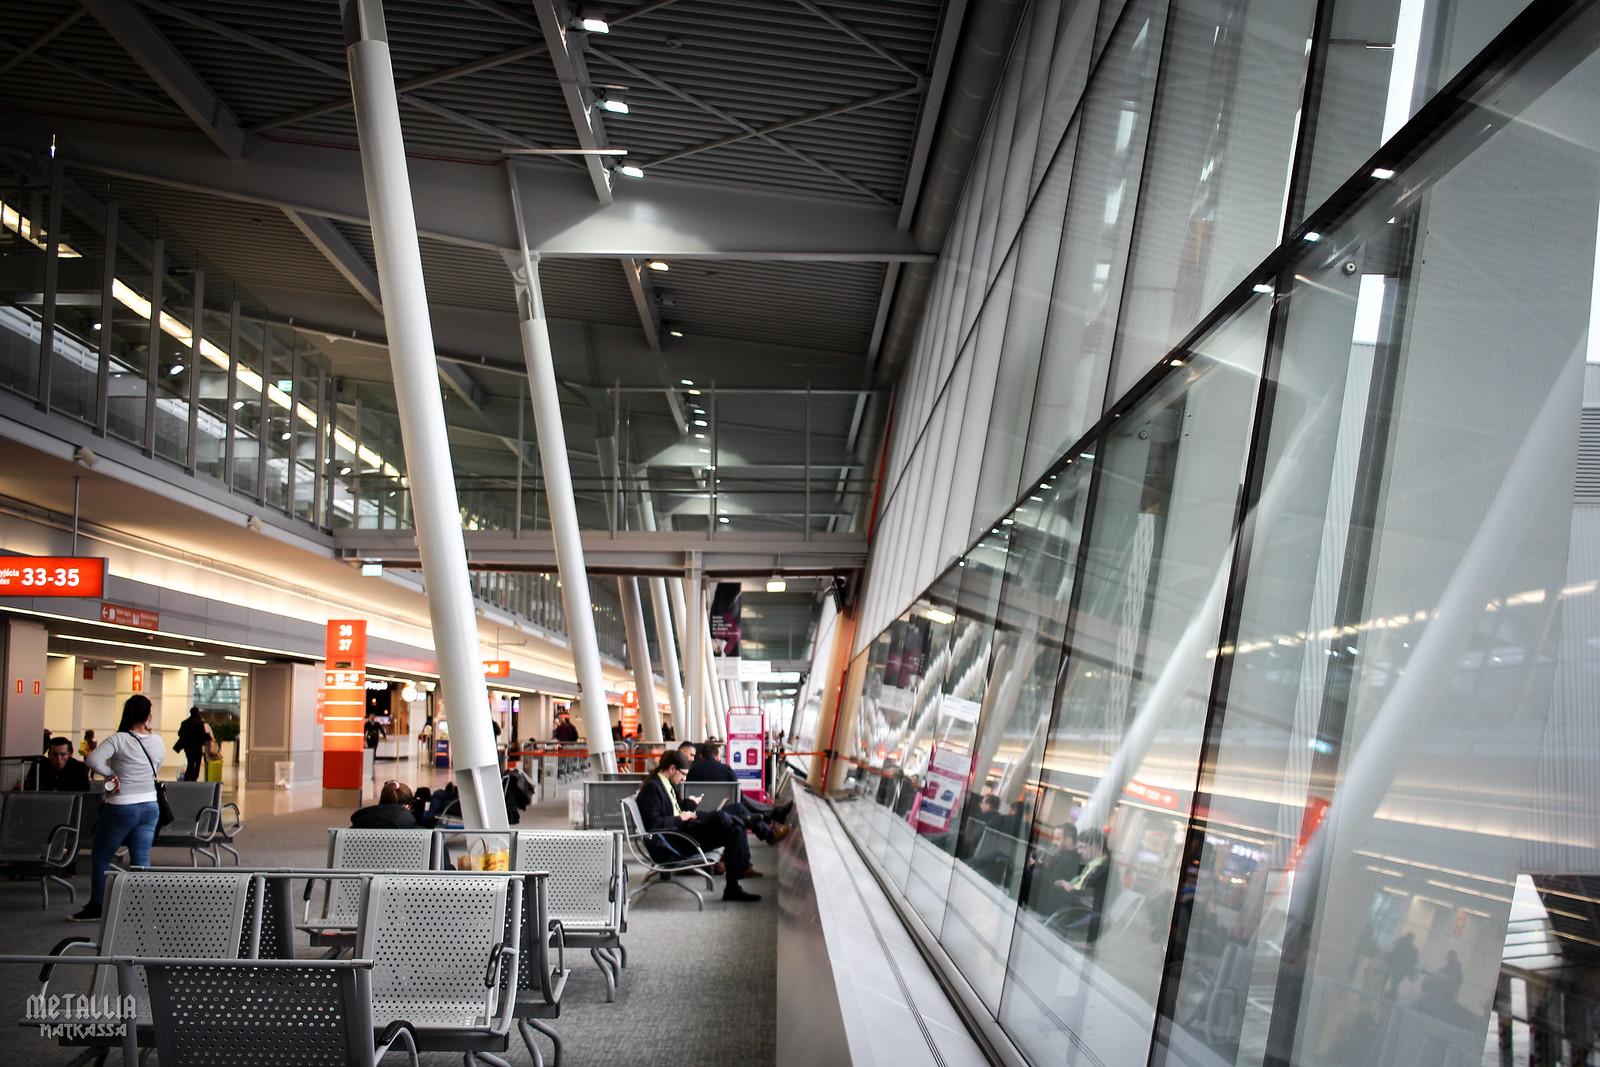 lot polish airlines, lot, polskie linie lotnicze, warsaw airport, warszawa port lotniczy